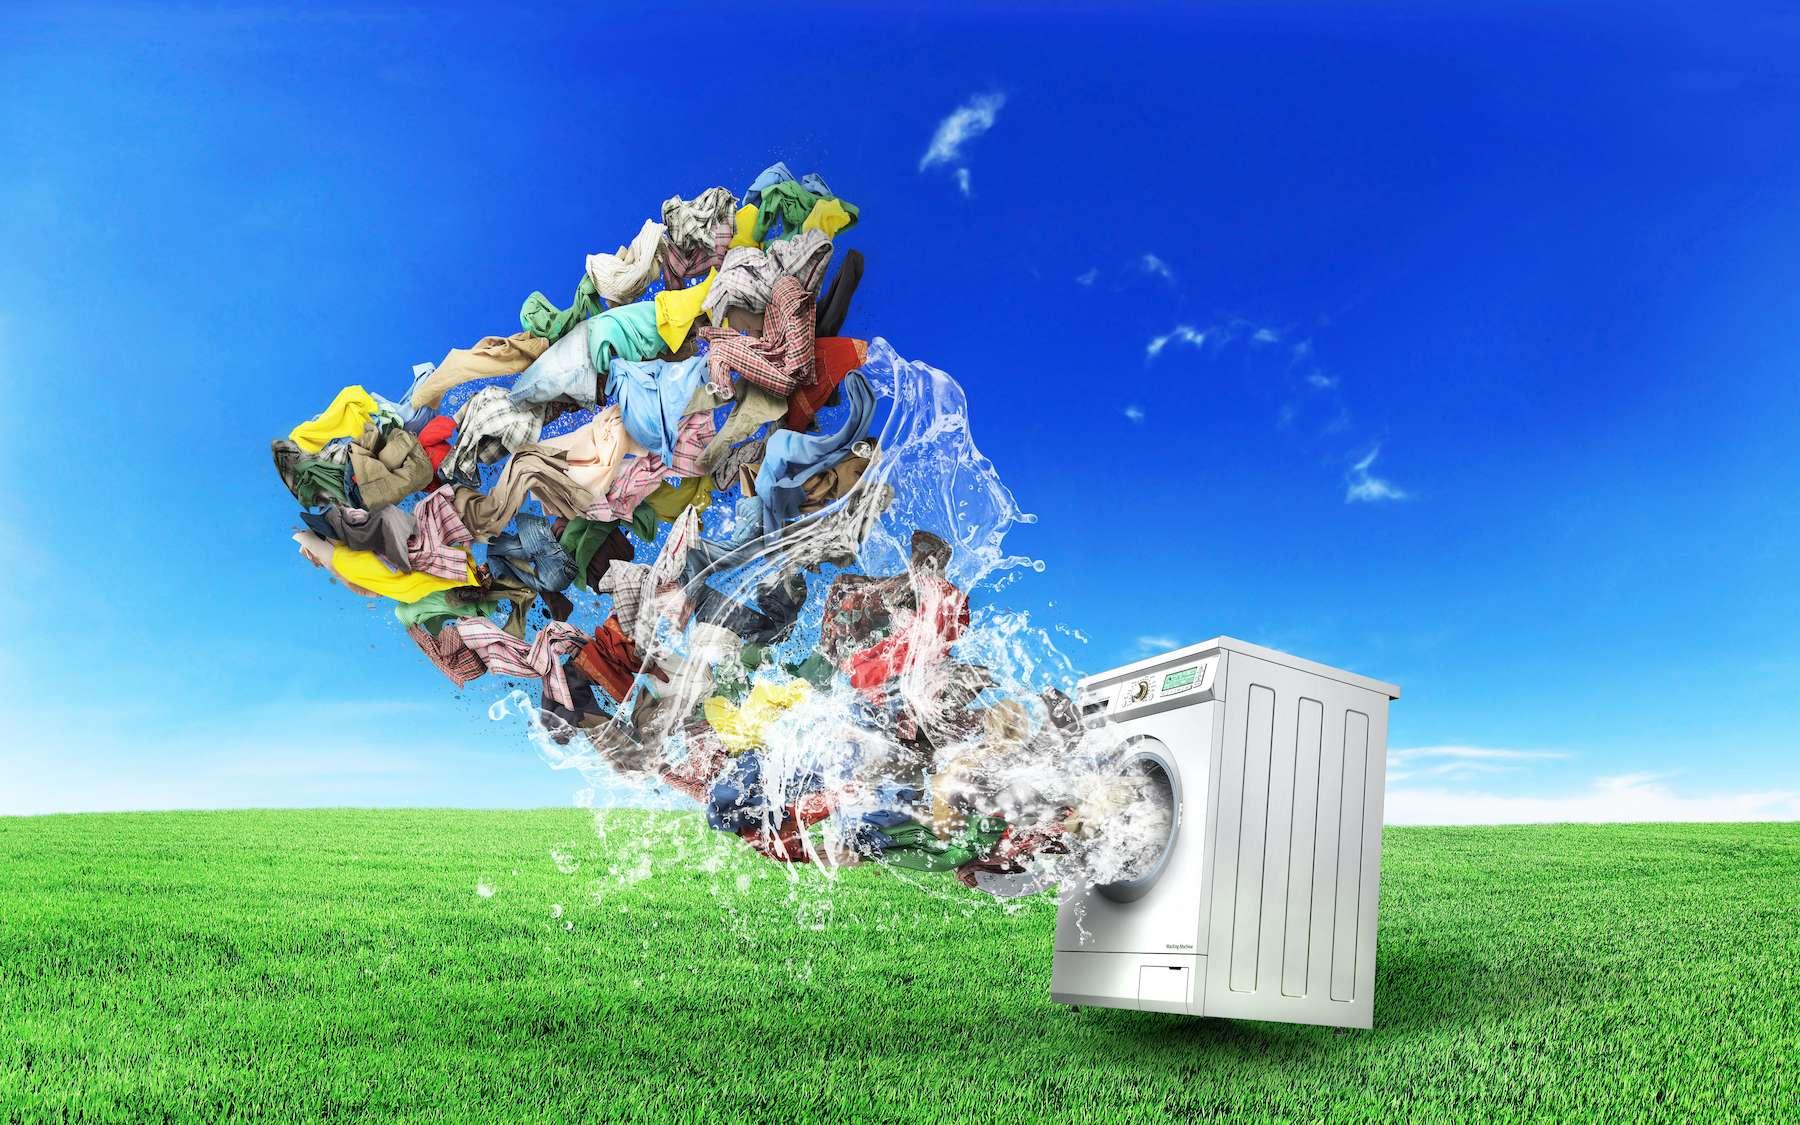 À chaque lessive, les vêtements perdent des microfibres qui viennent polluer l'eau. © sveta, Adobe Stock